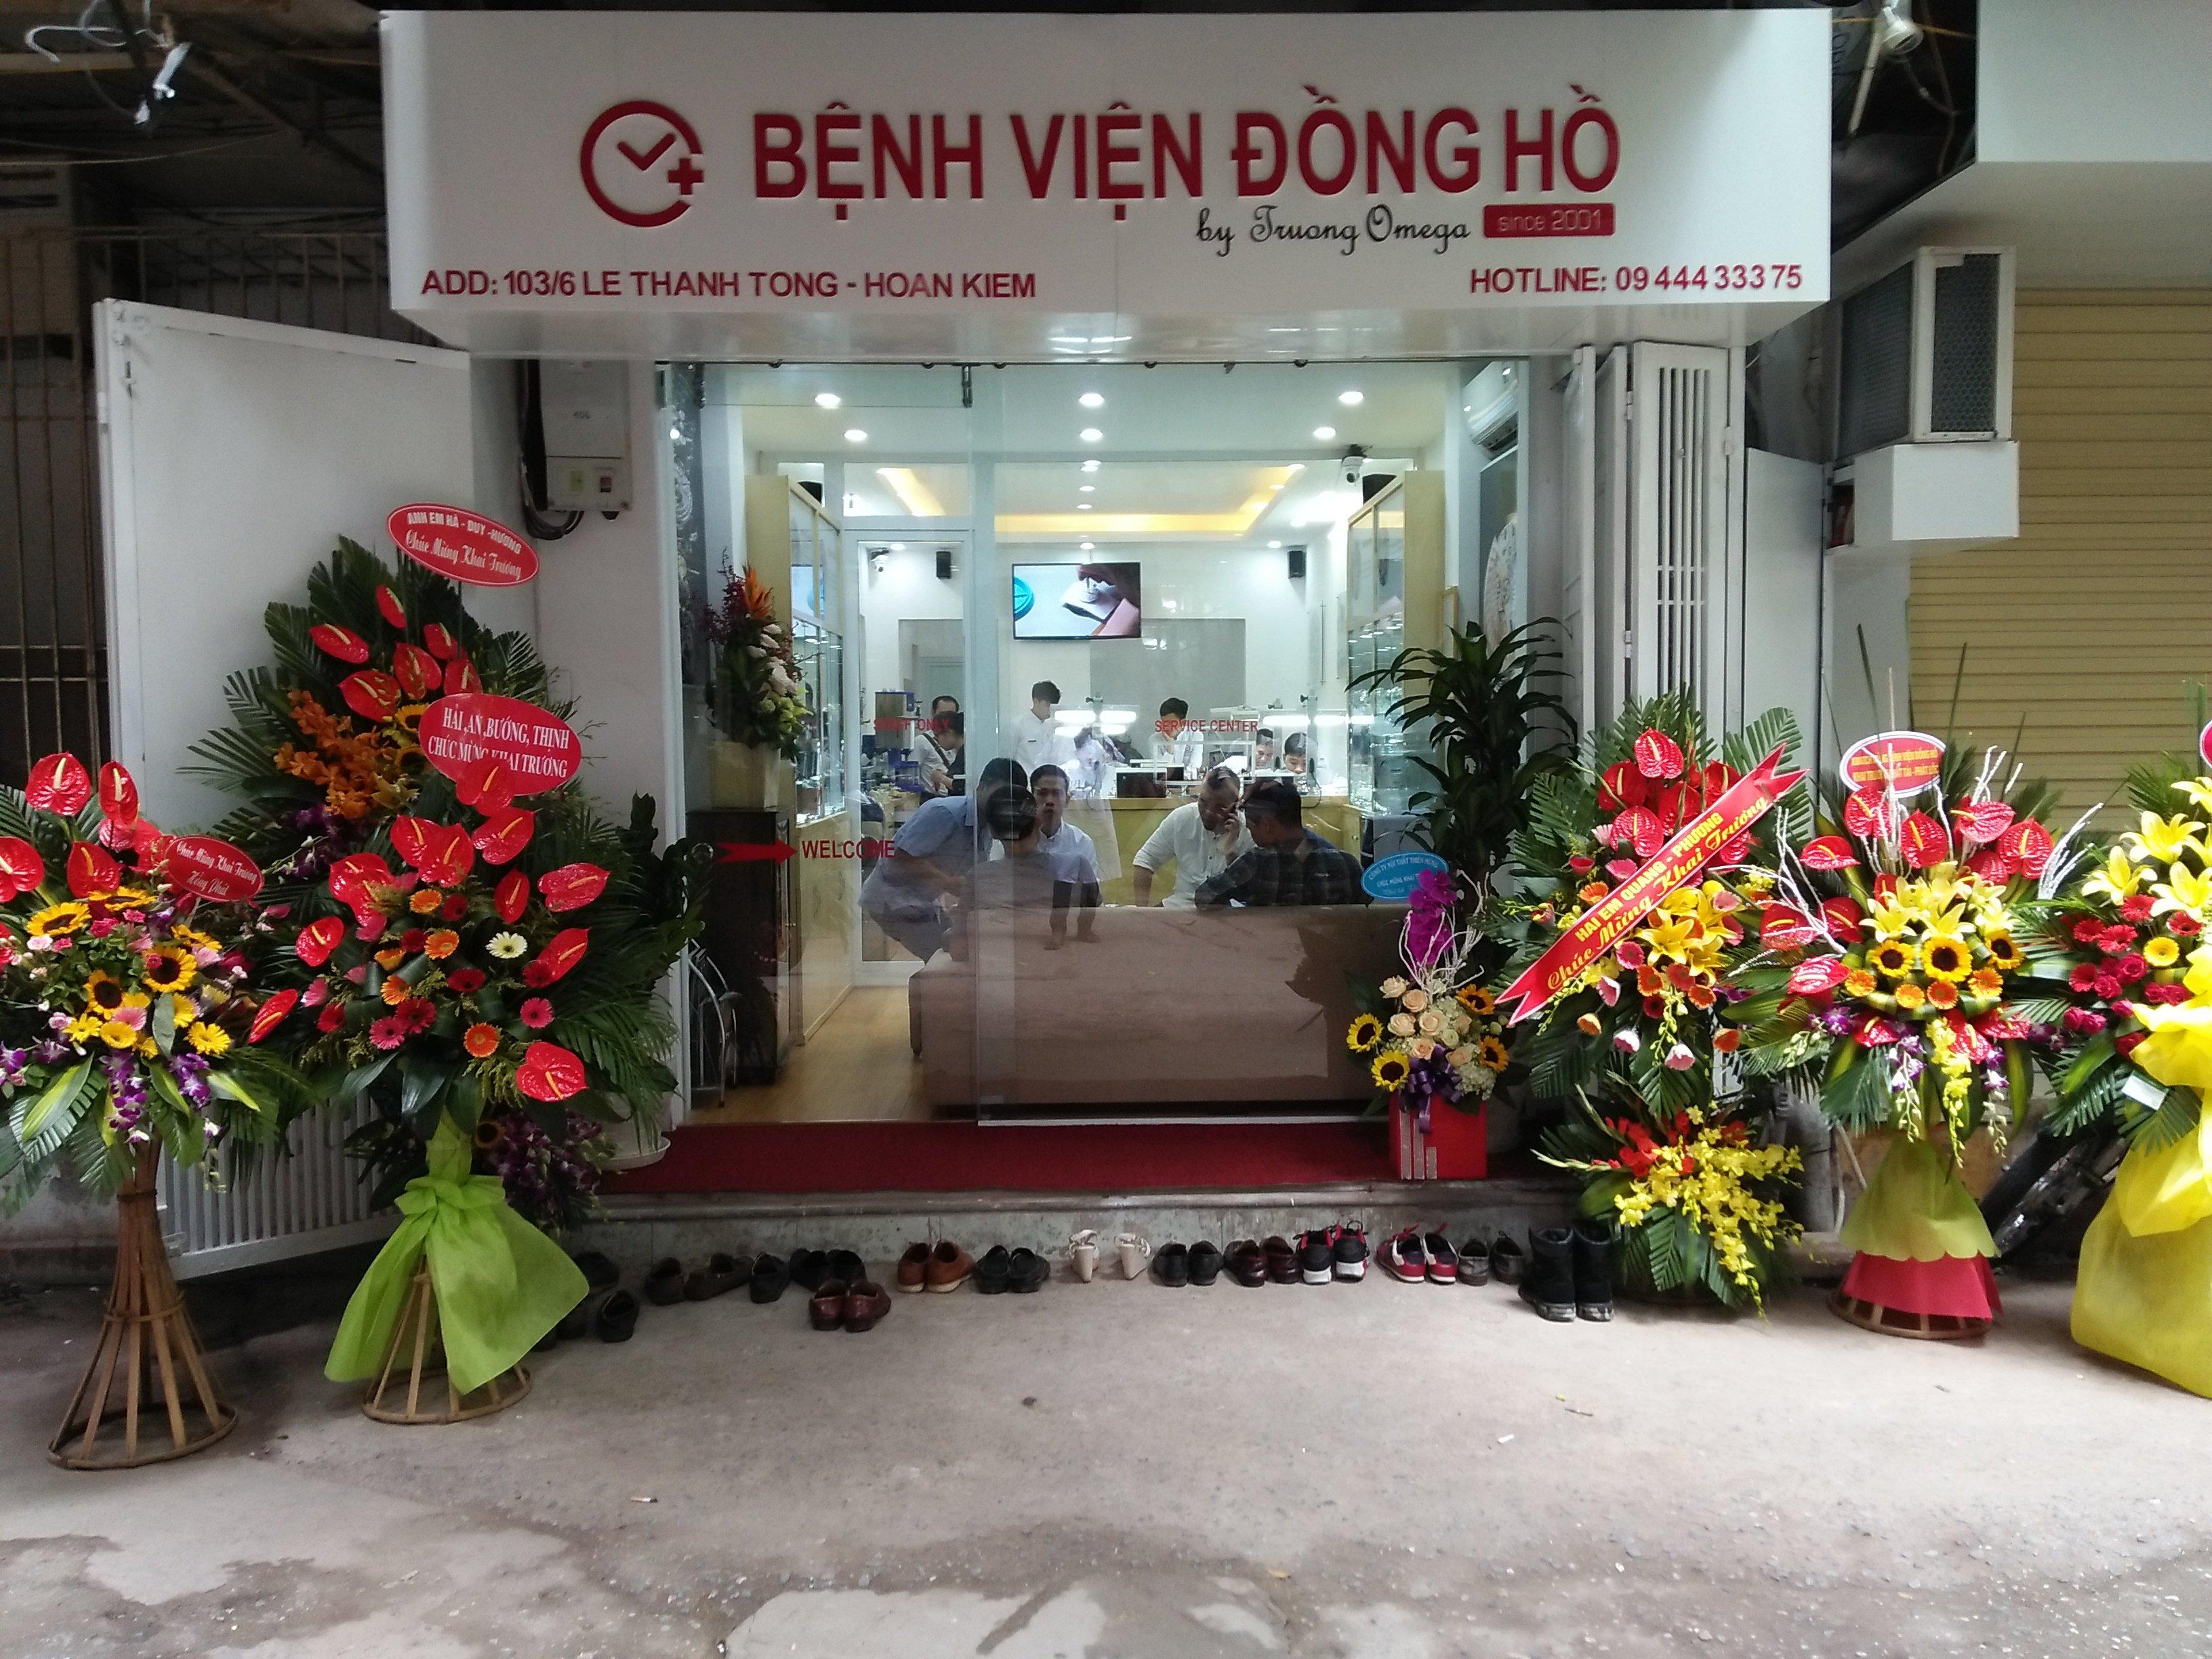 khai-truong-benh-vien-dong-ho-103-6-le-thanh-tong